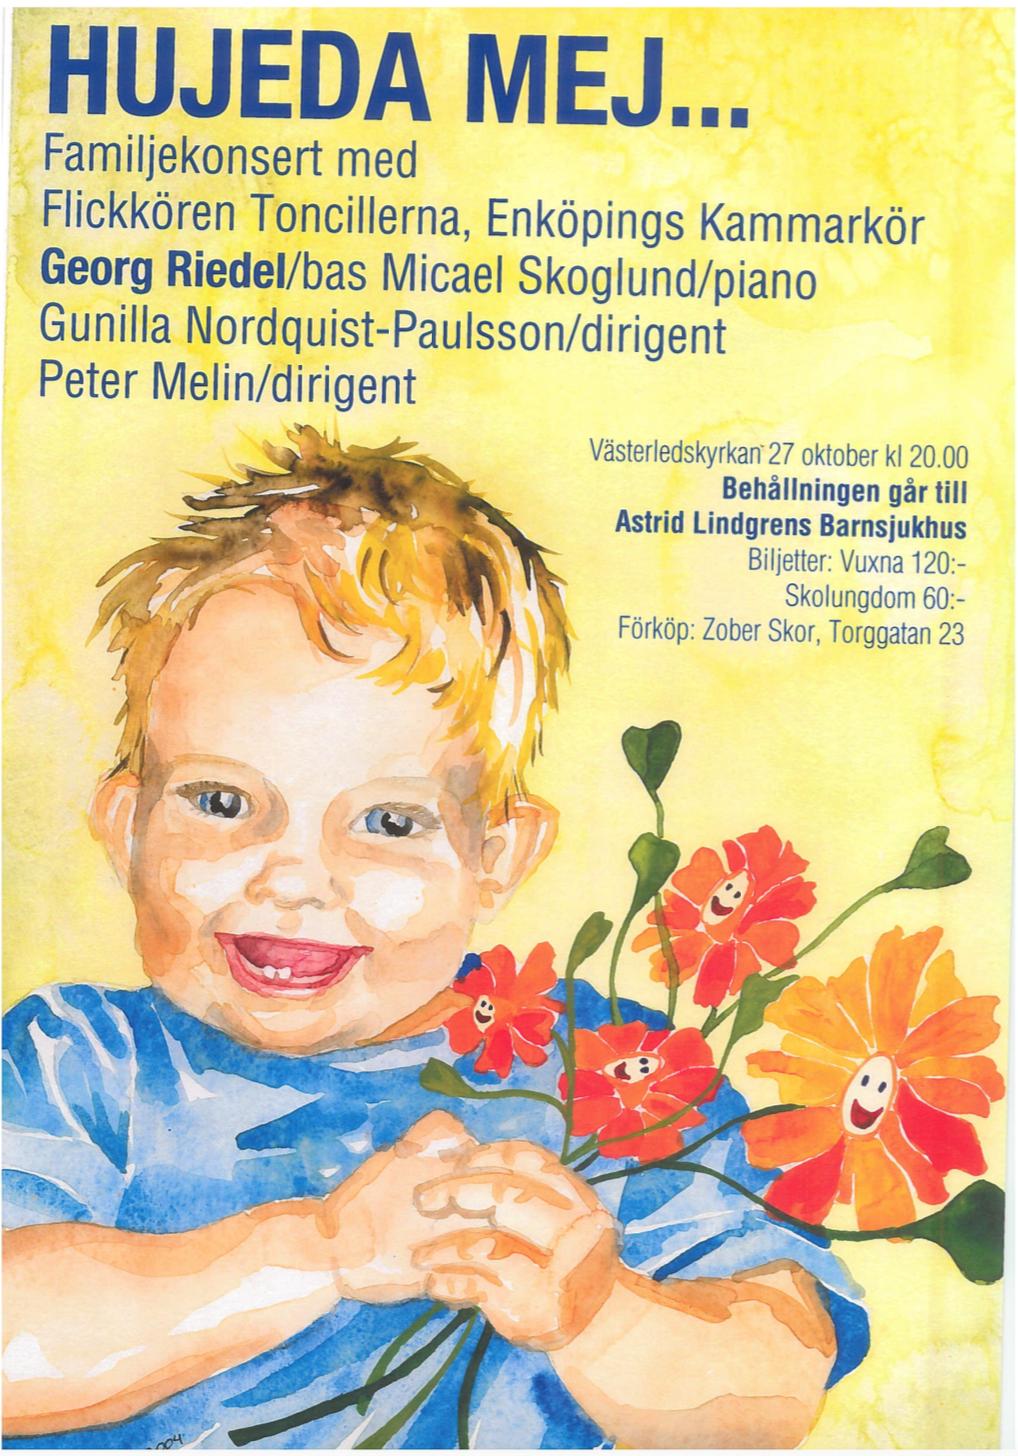 2004-affisch-hujeda-mej-med-enkopings-kammarkor